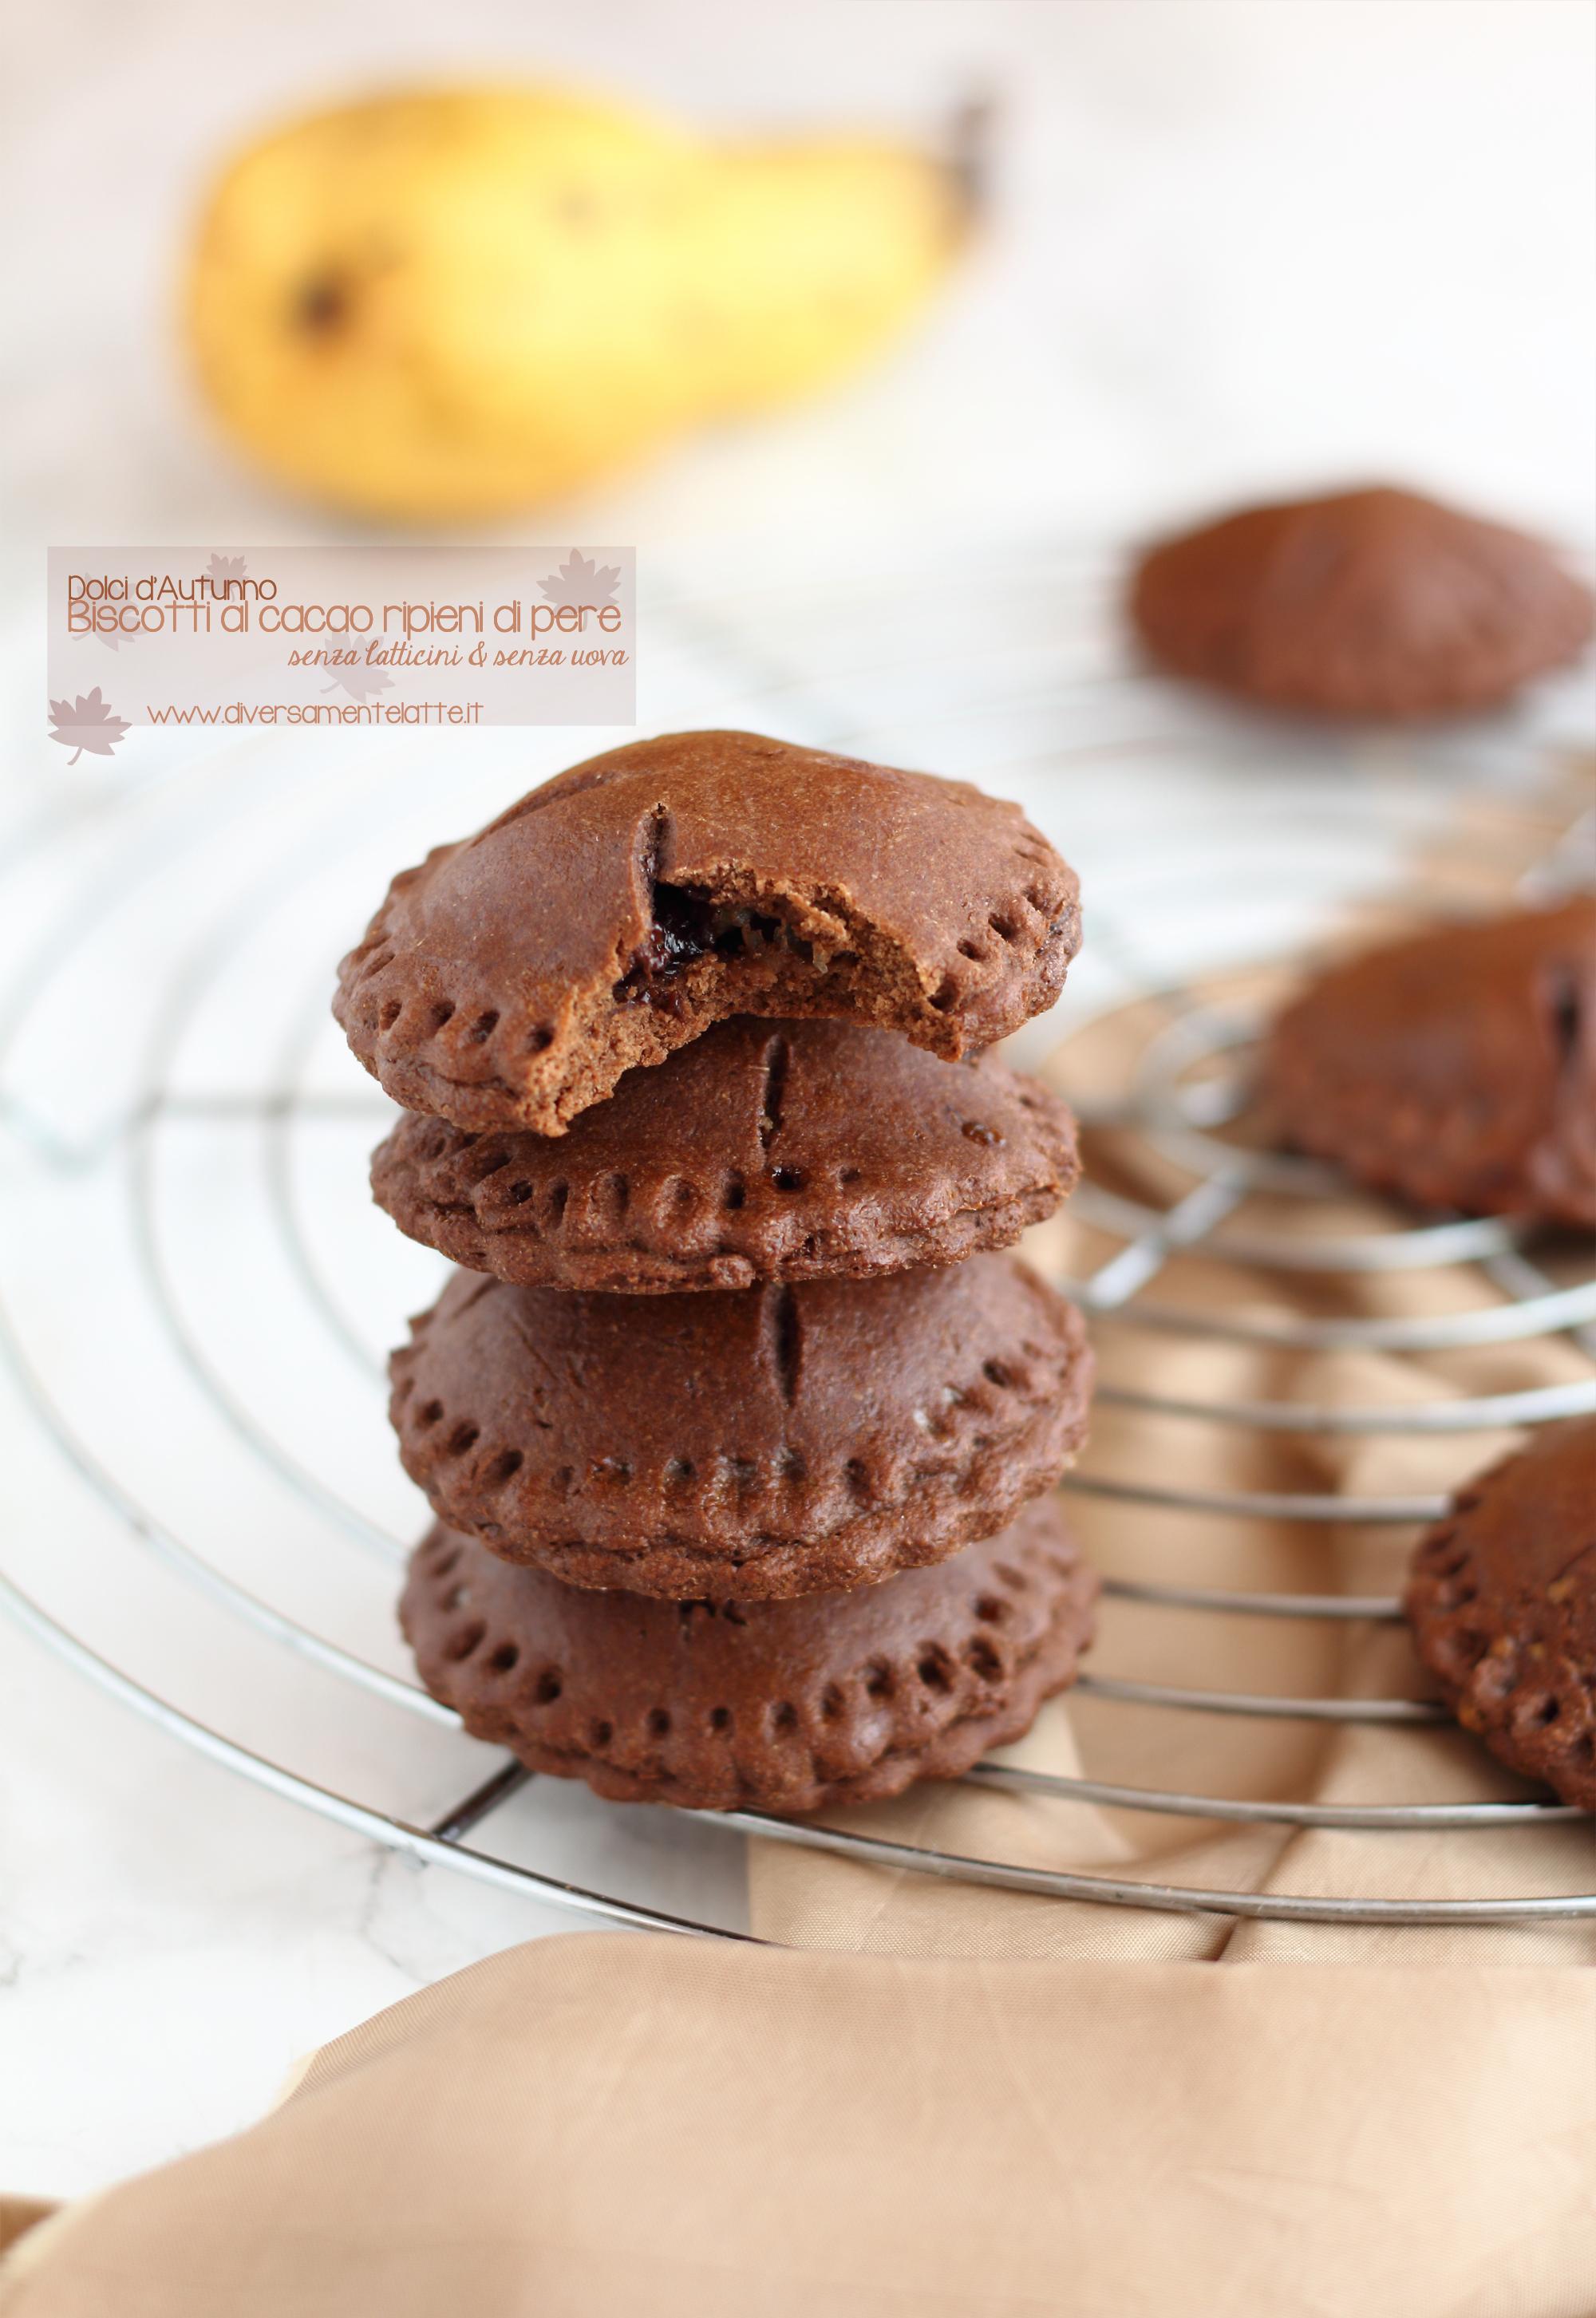 biscotti al cacao e pere senza latticini